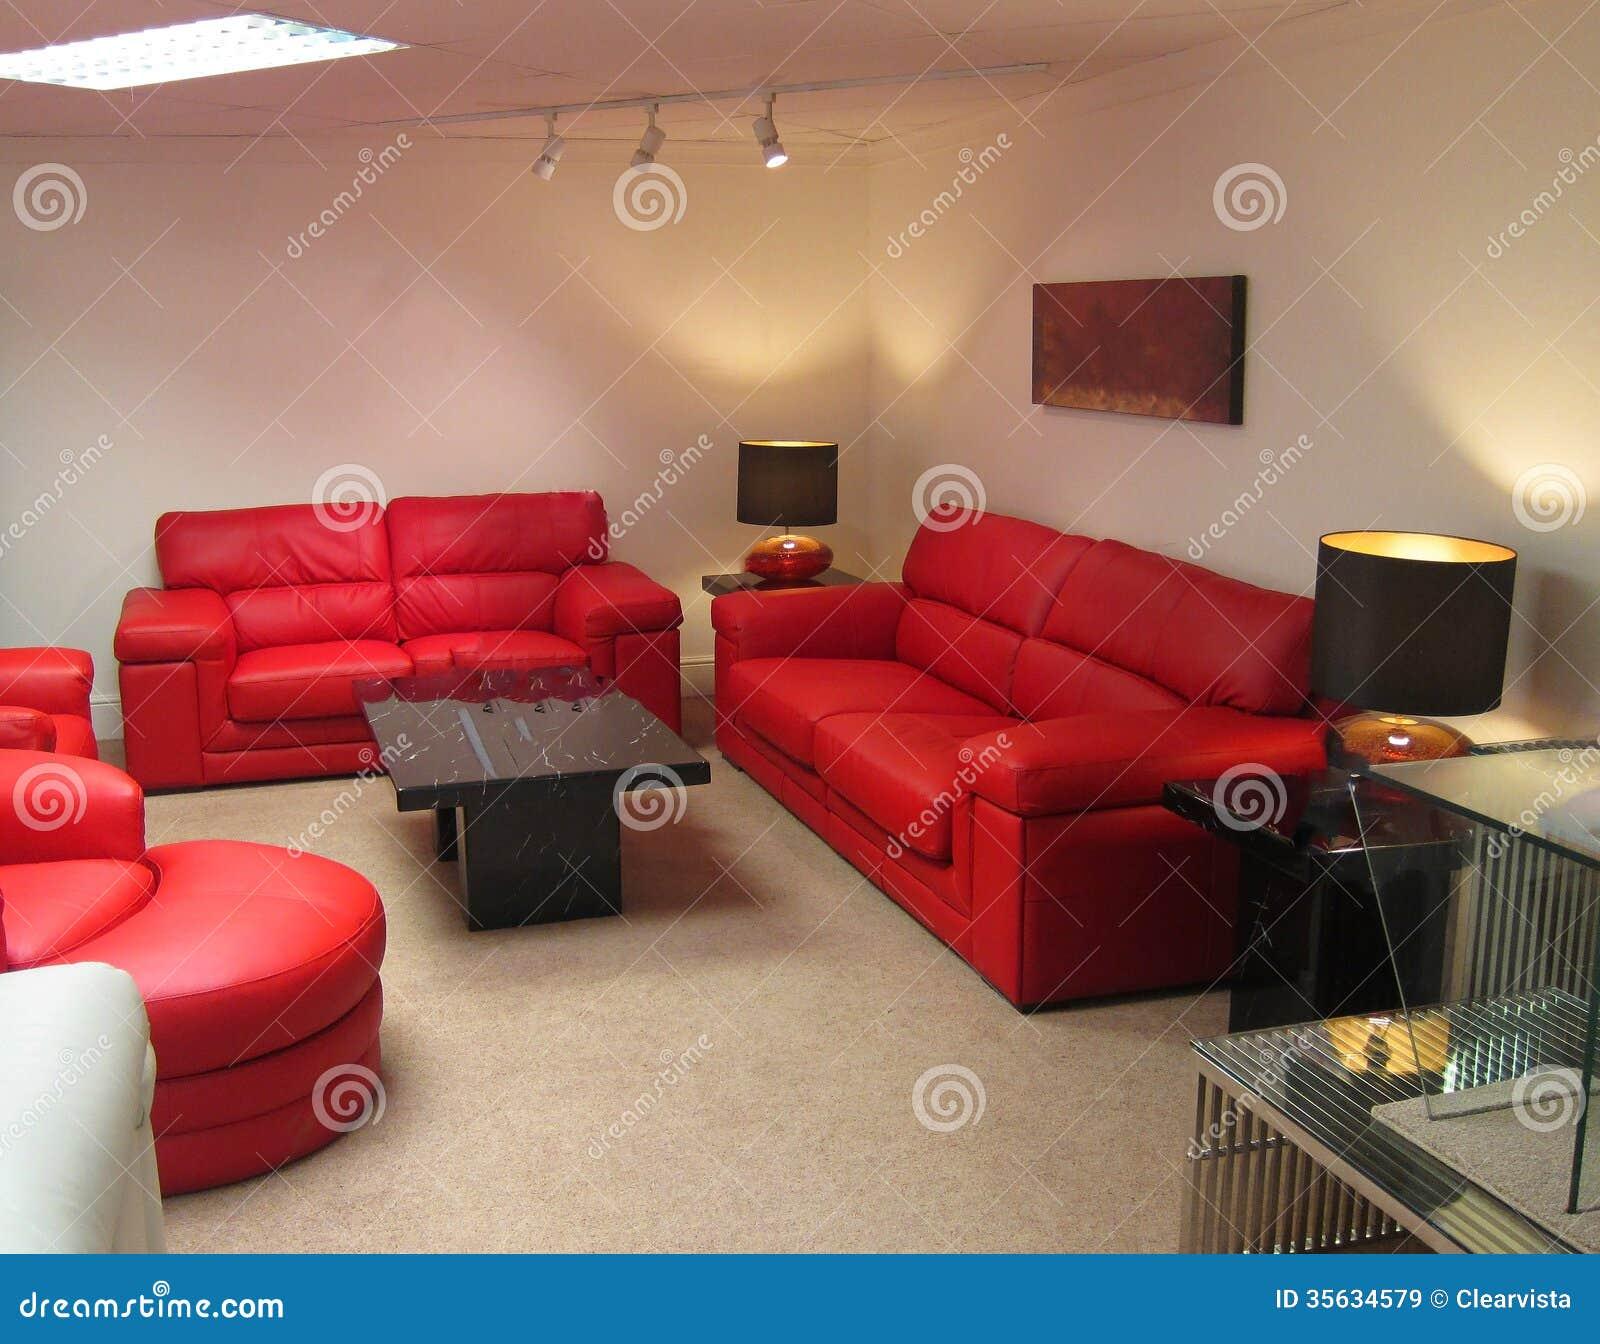 Salon ou salon moderne images libres de droits image 35634579 - Tapisserie salon moderne ...